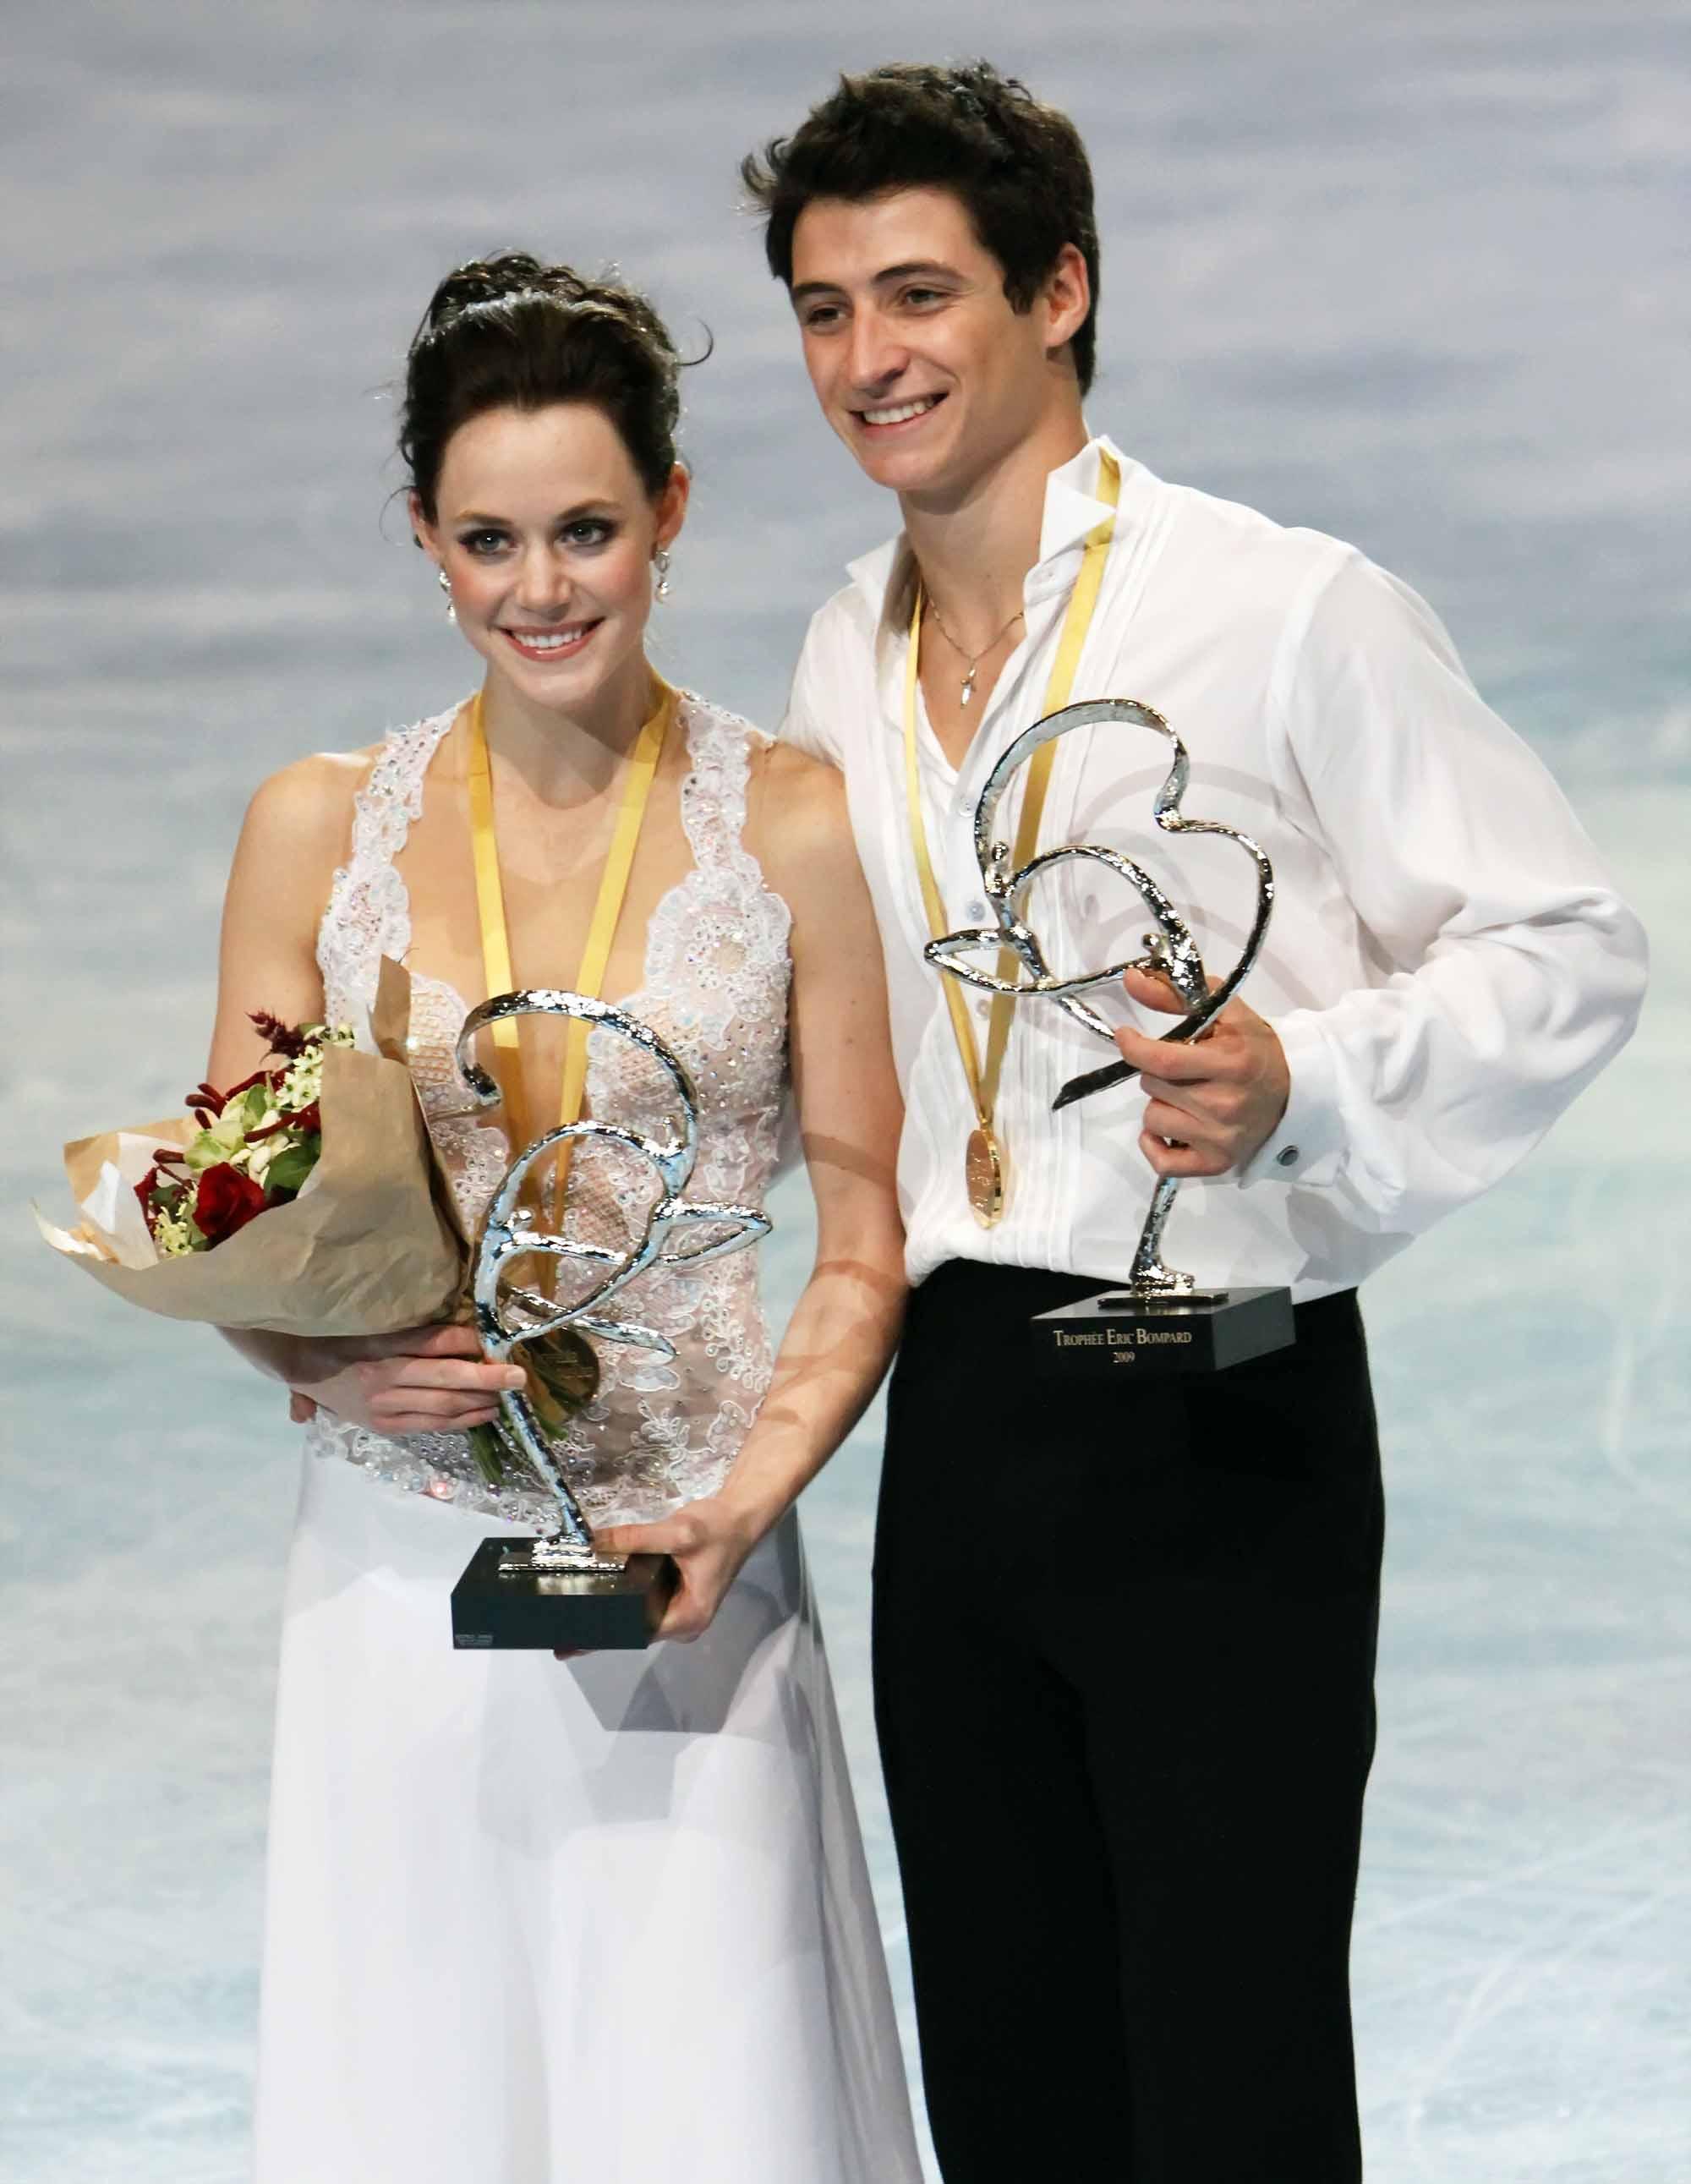 Tessa Virtue and Scott Moir Win Gold